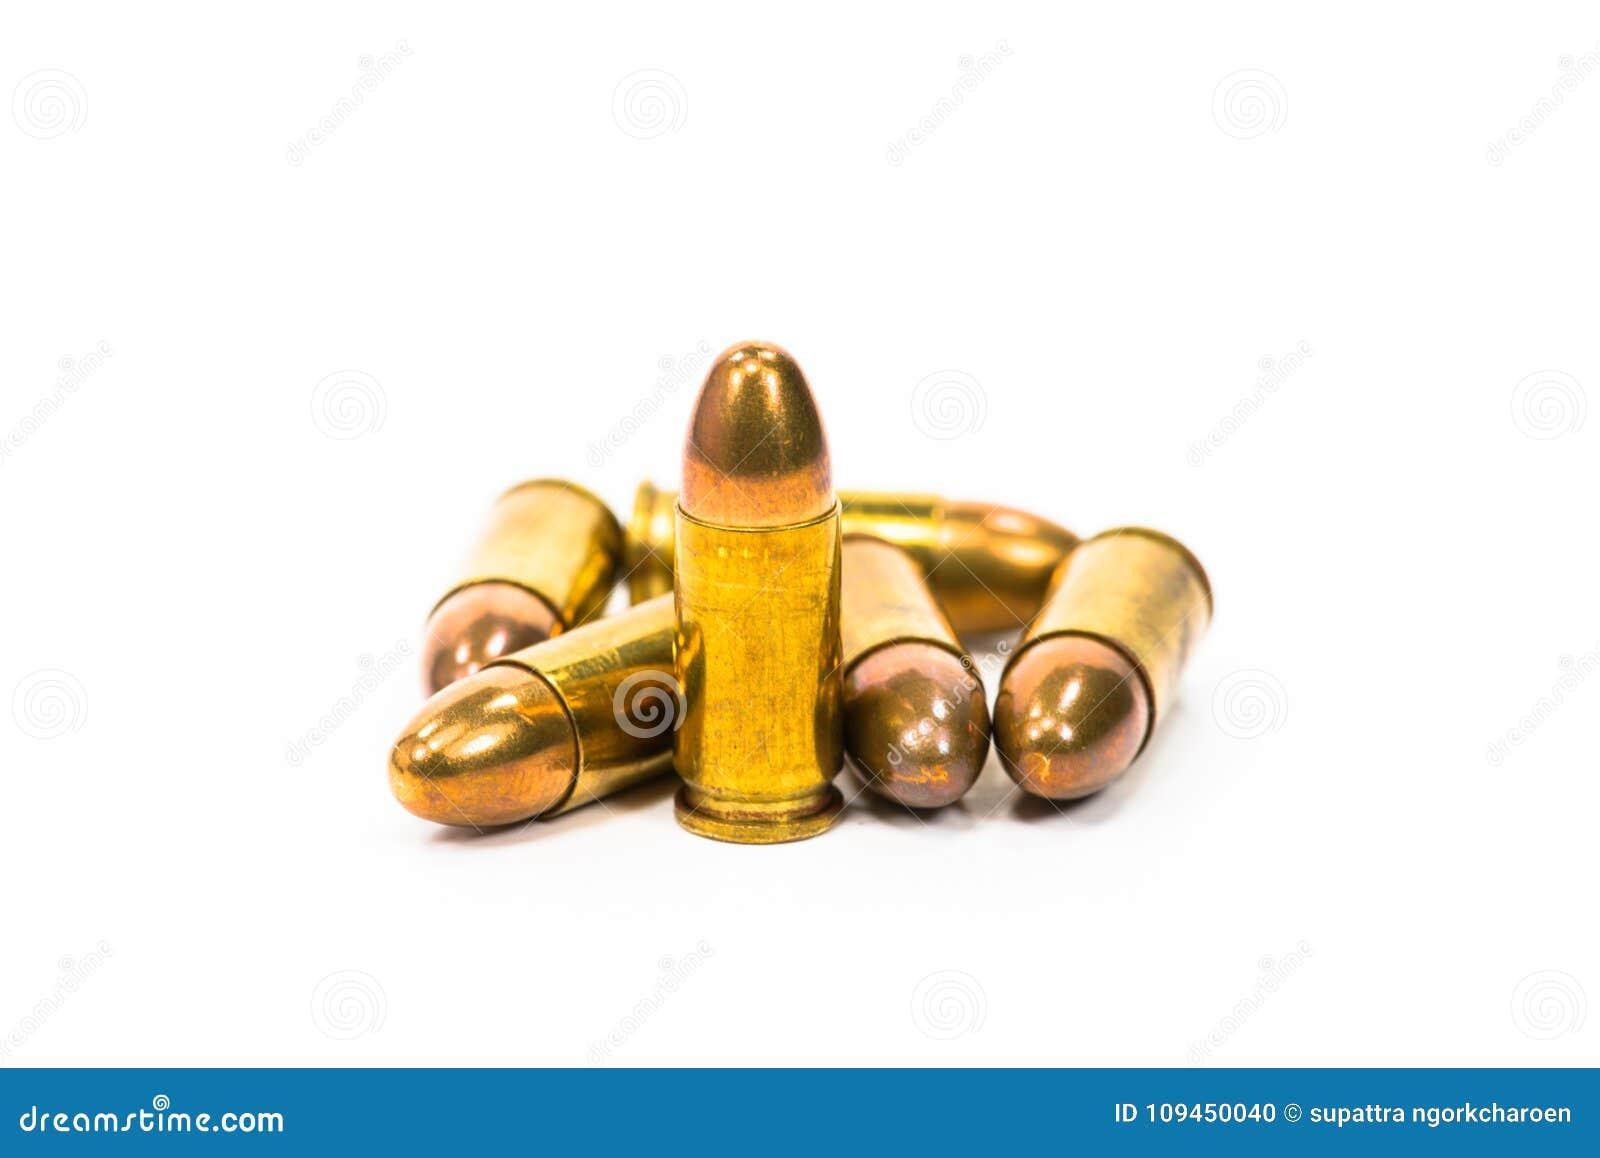 Пули положенные на белую предпосылку